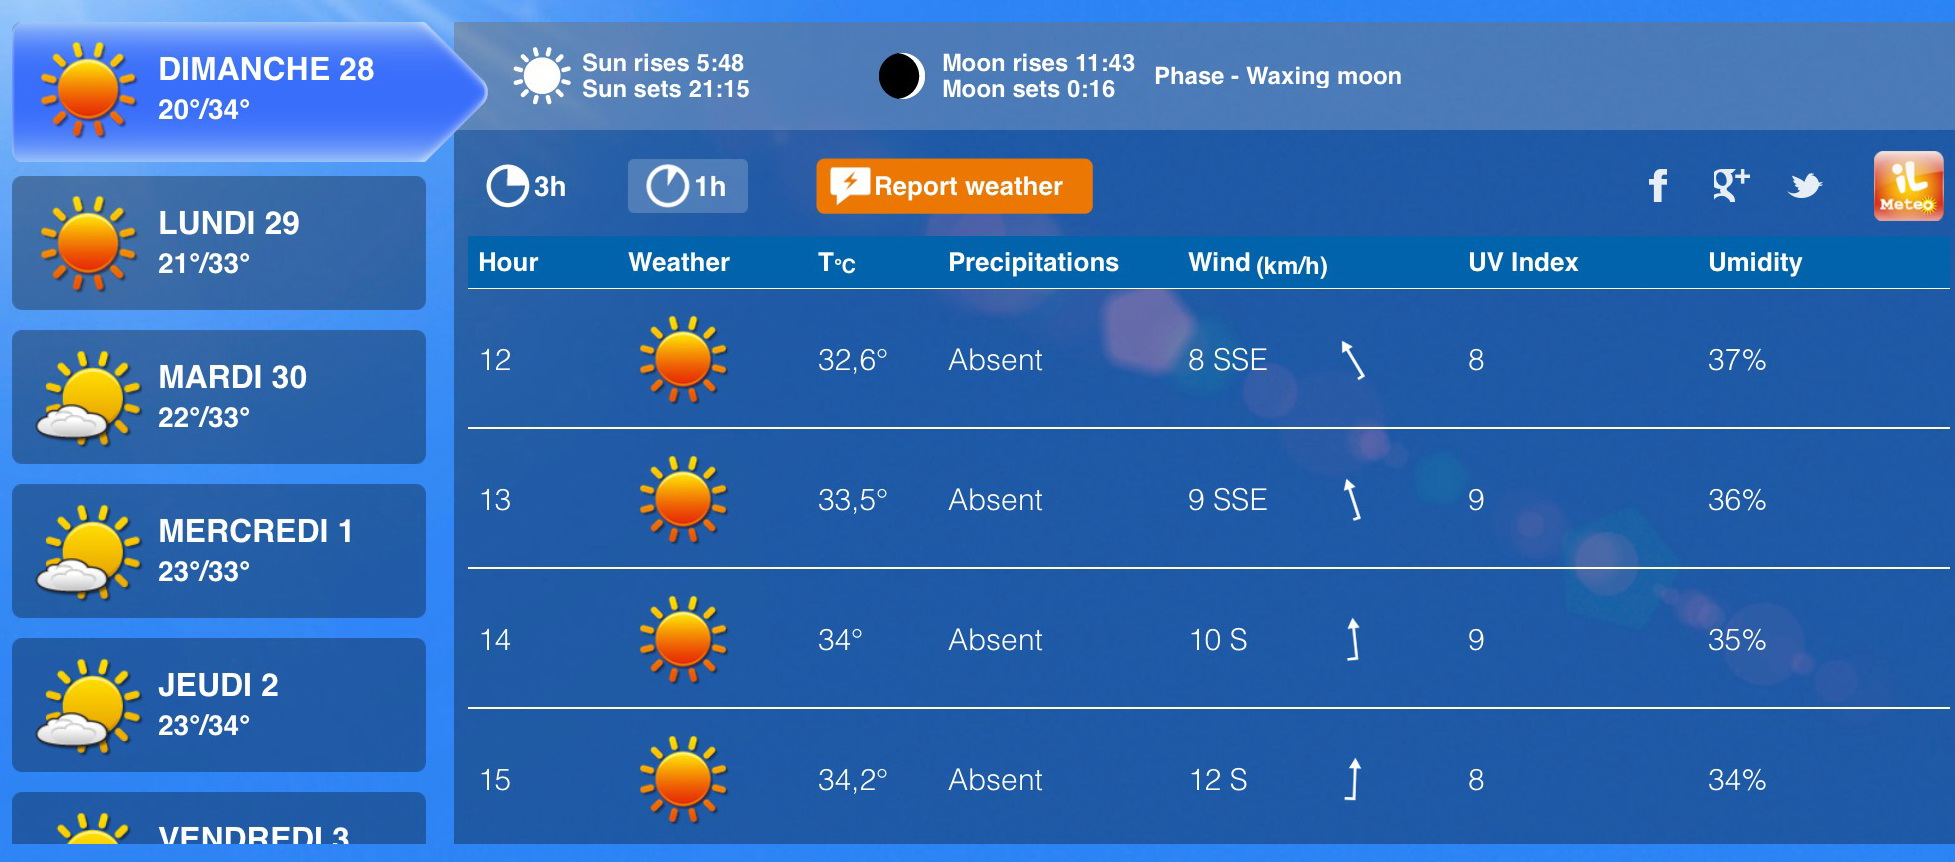 IRONMAN FRANCE NICE 2015: la météo s'annonce belle et chaude ! Couvrez vous bien !